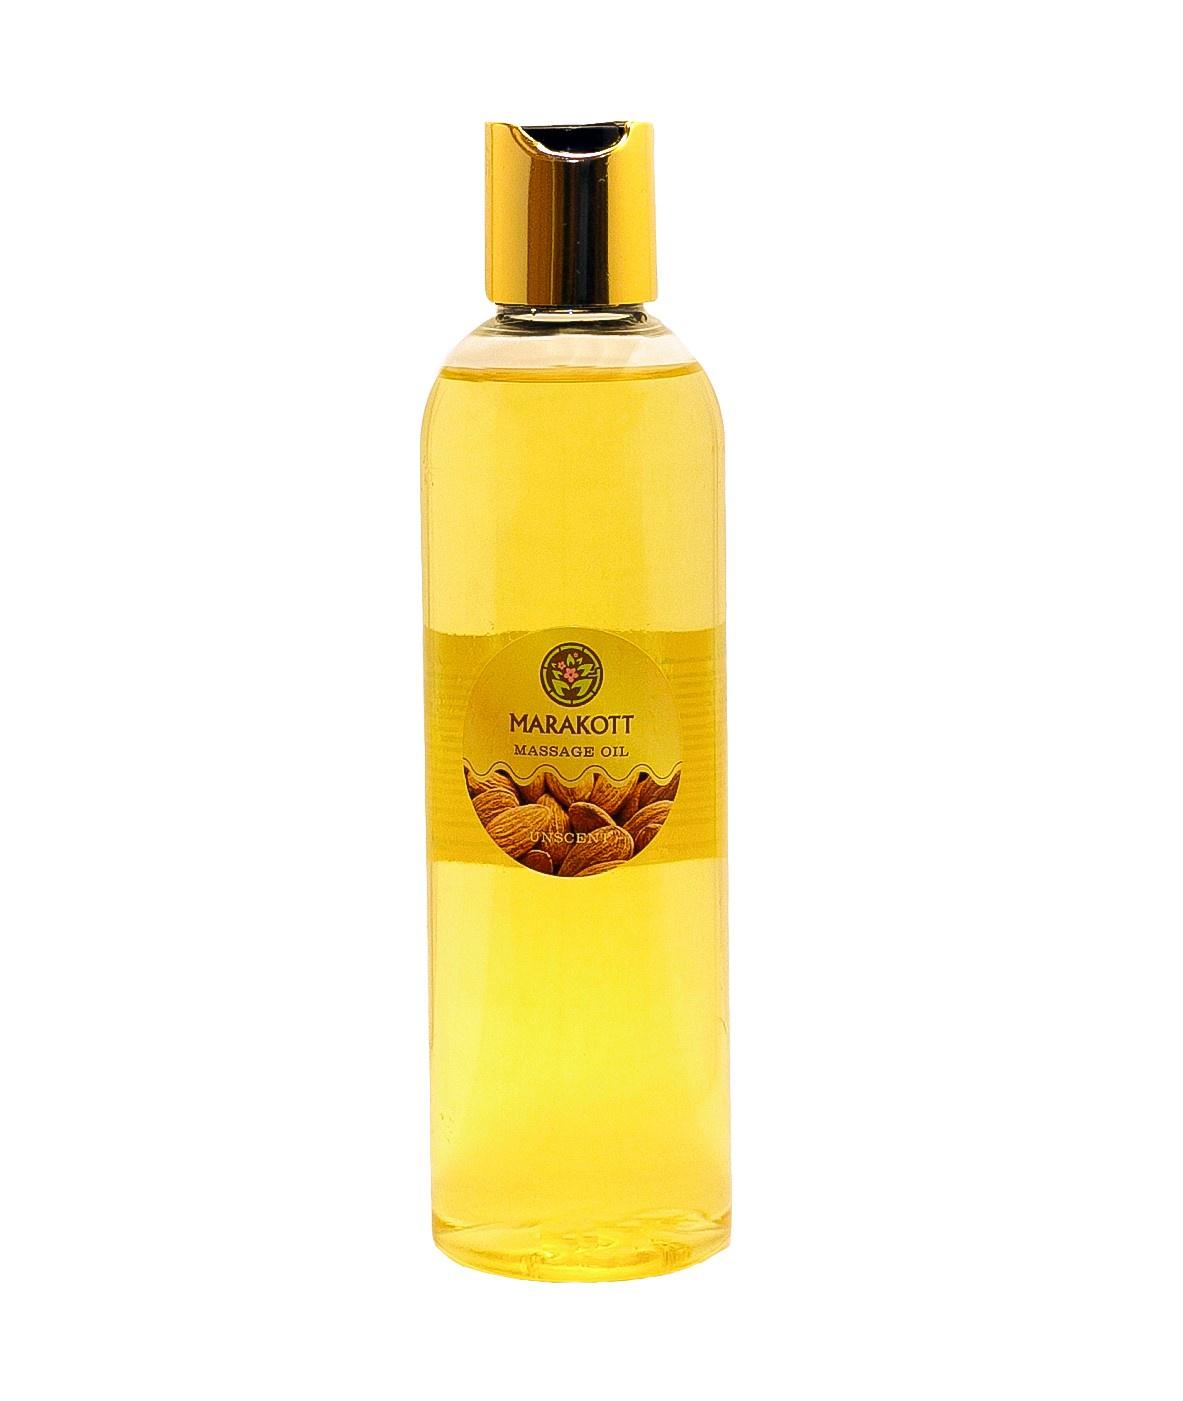 Масло массажное Marakott Базовое, 250мл anariti масло для массажа повышающее сексуальную энергию 250мл